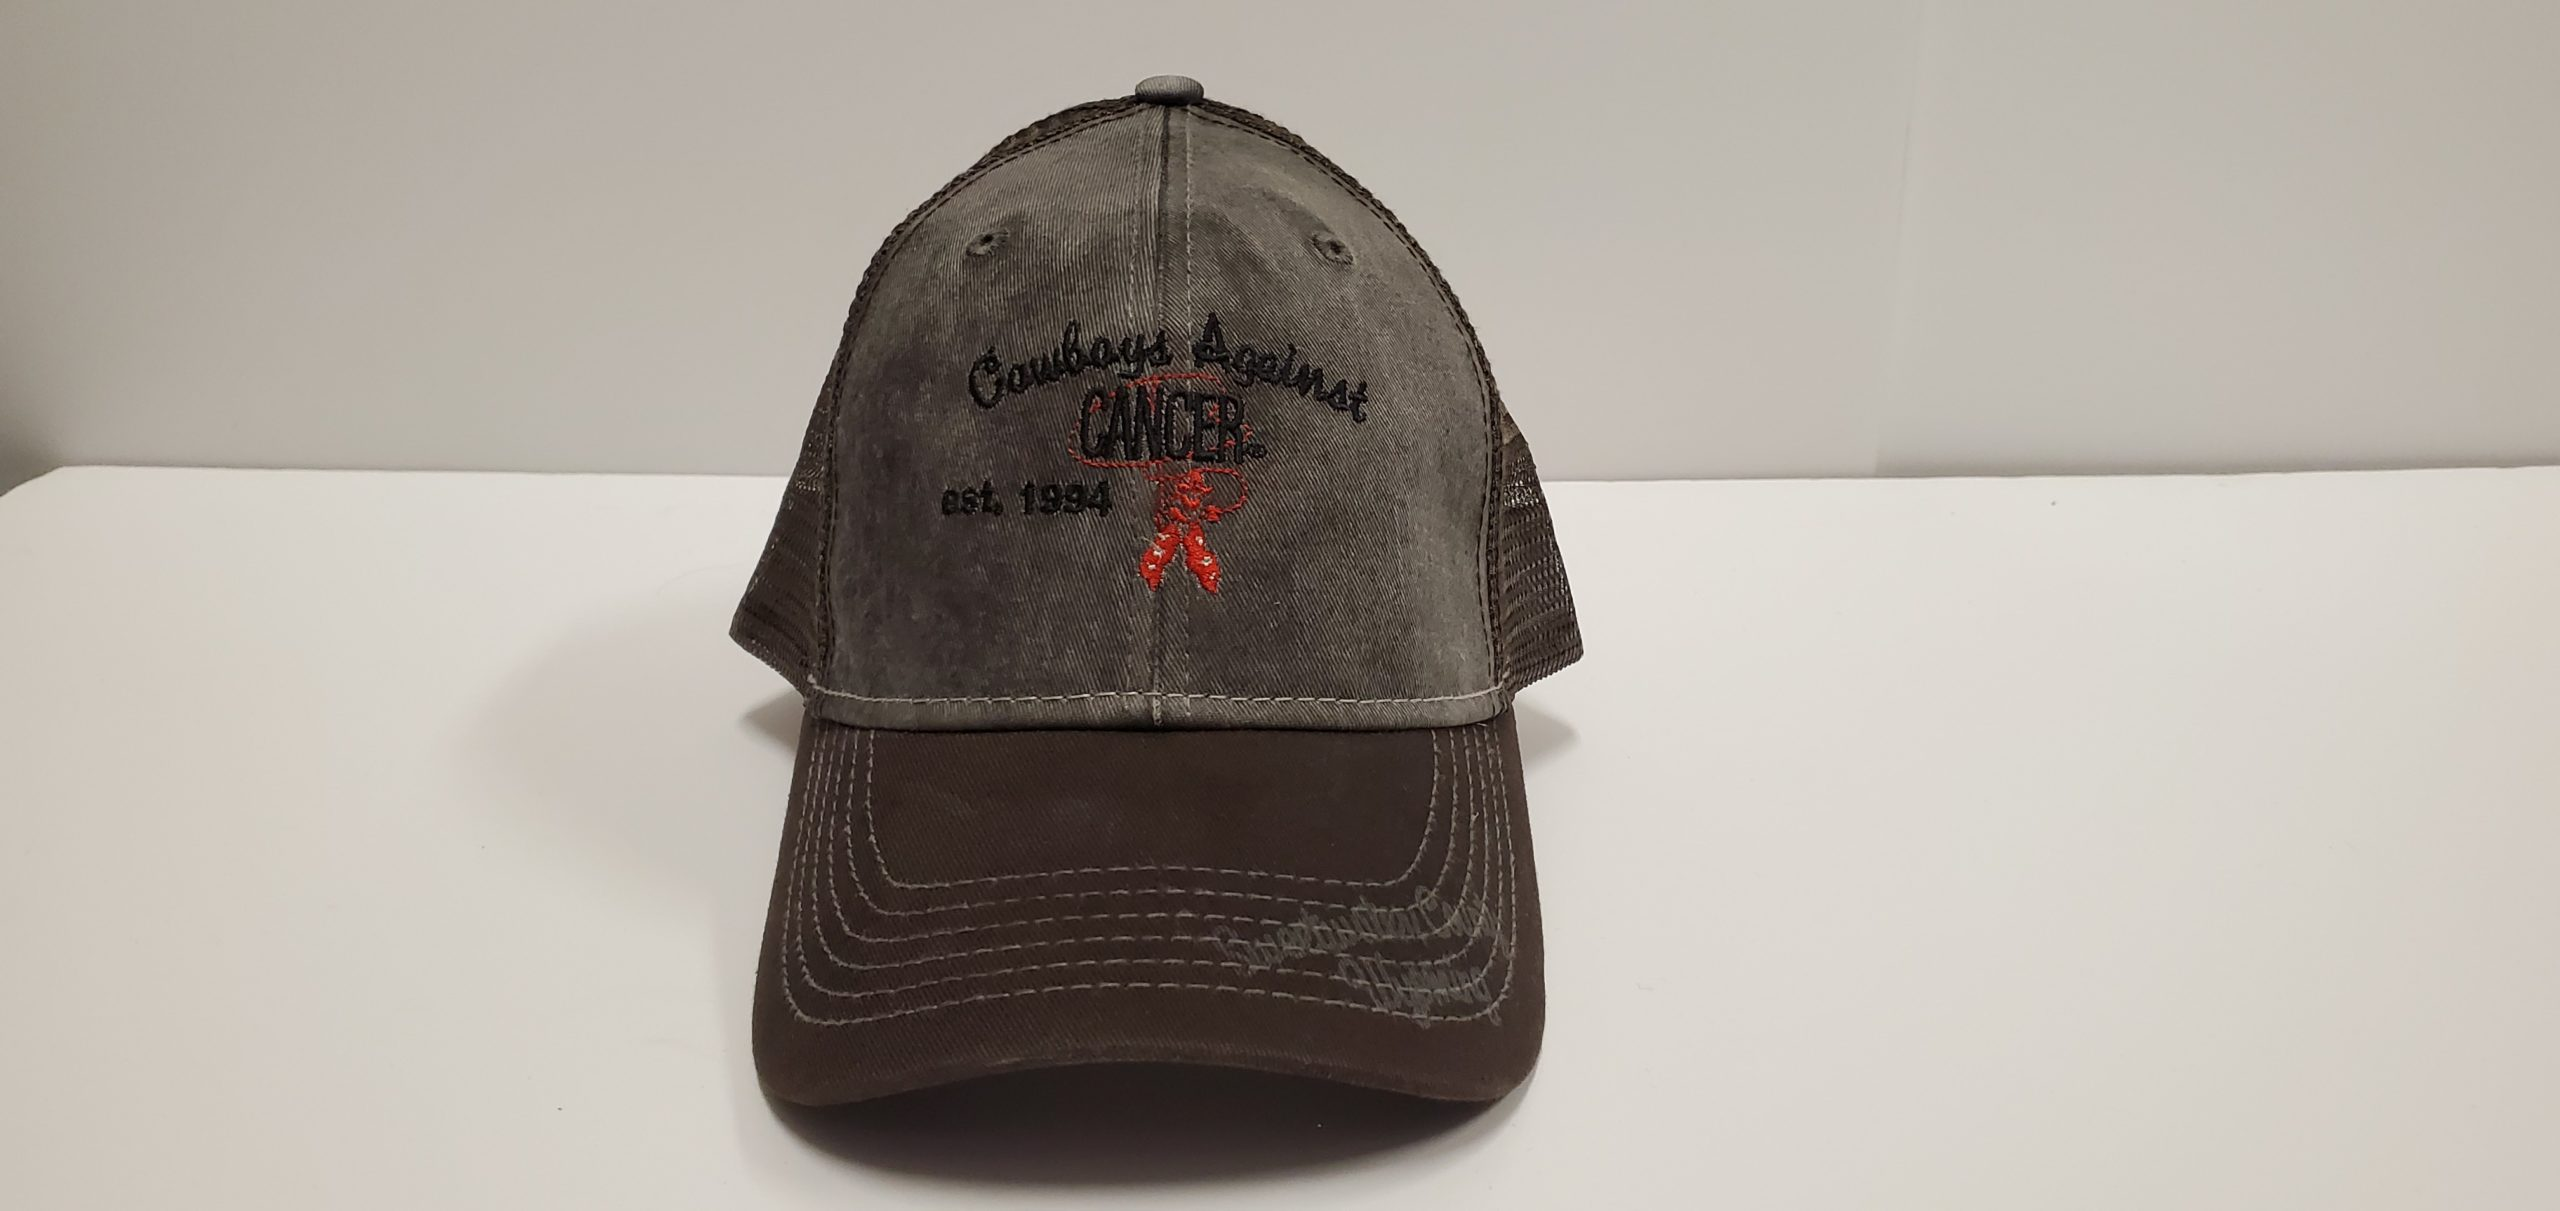 Charcoal Mesh Back Hat